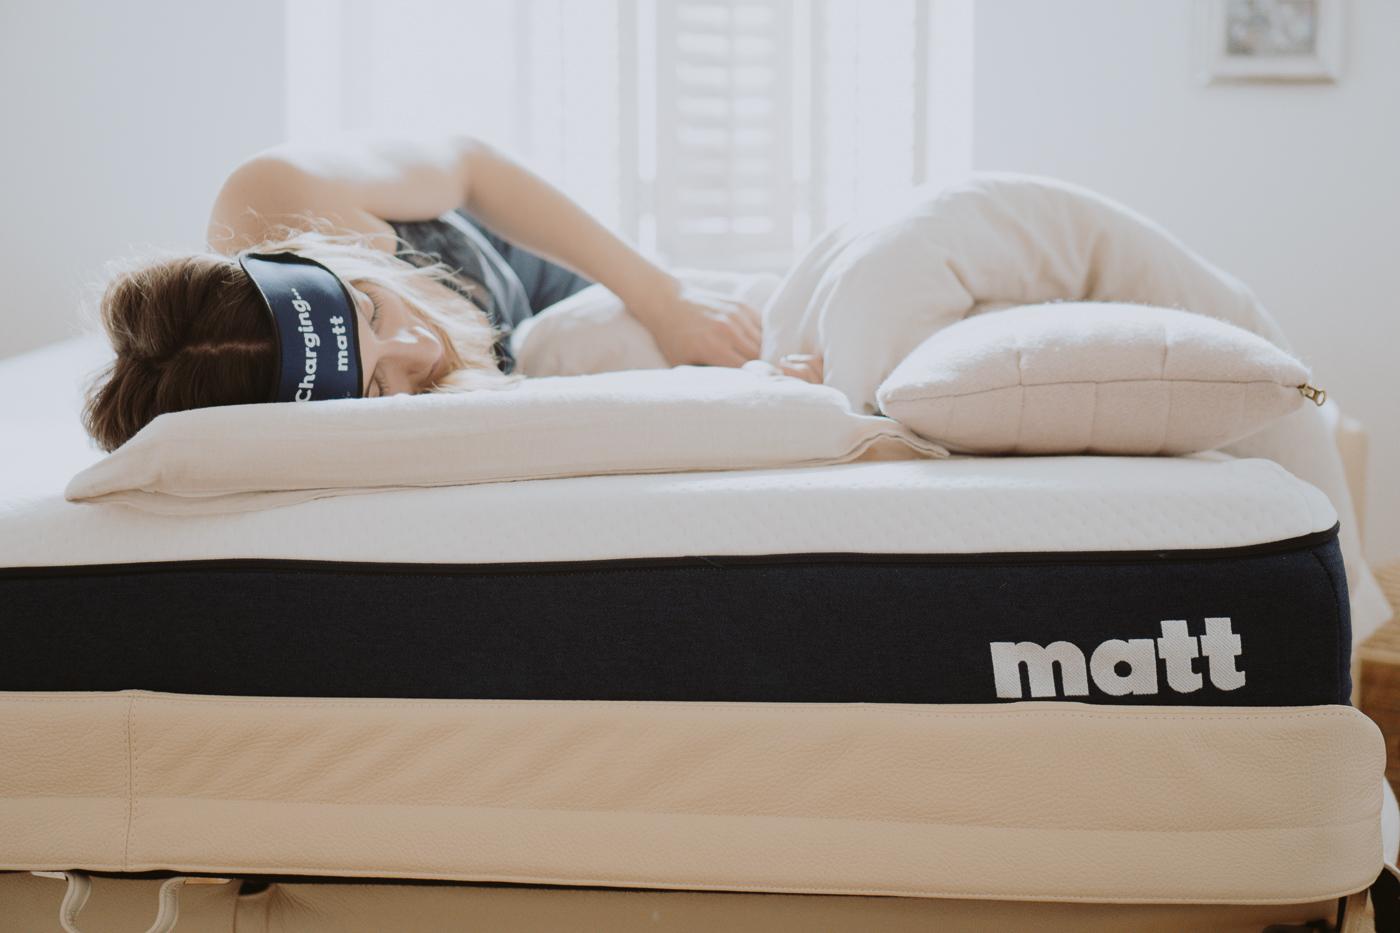 Schlafen ist schön. Matt Sleeps - Eine Matratze für jeden Schlaftyp, Matt all Day